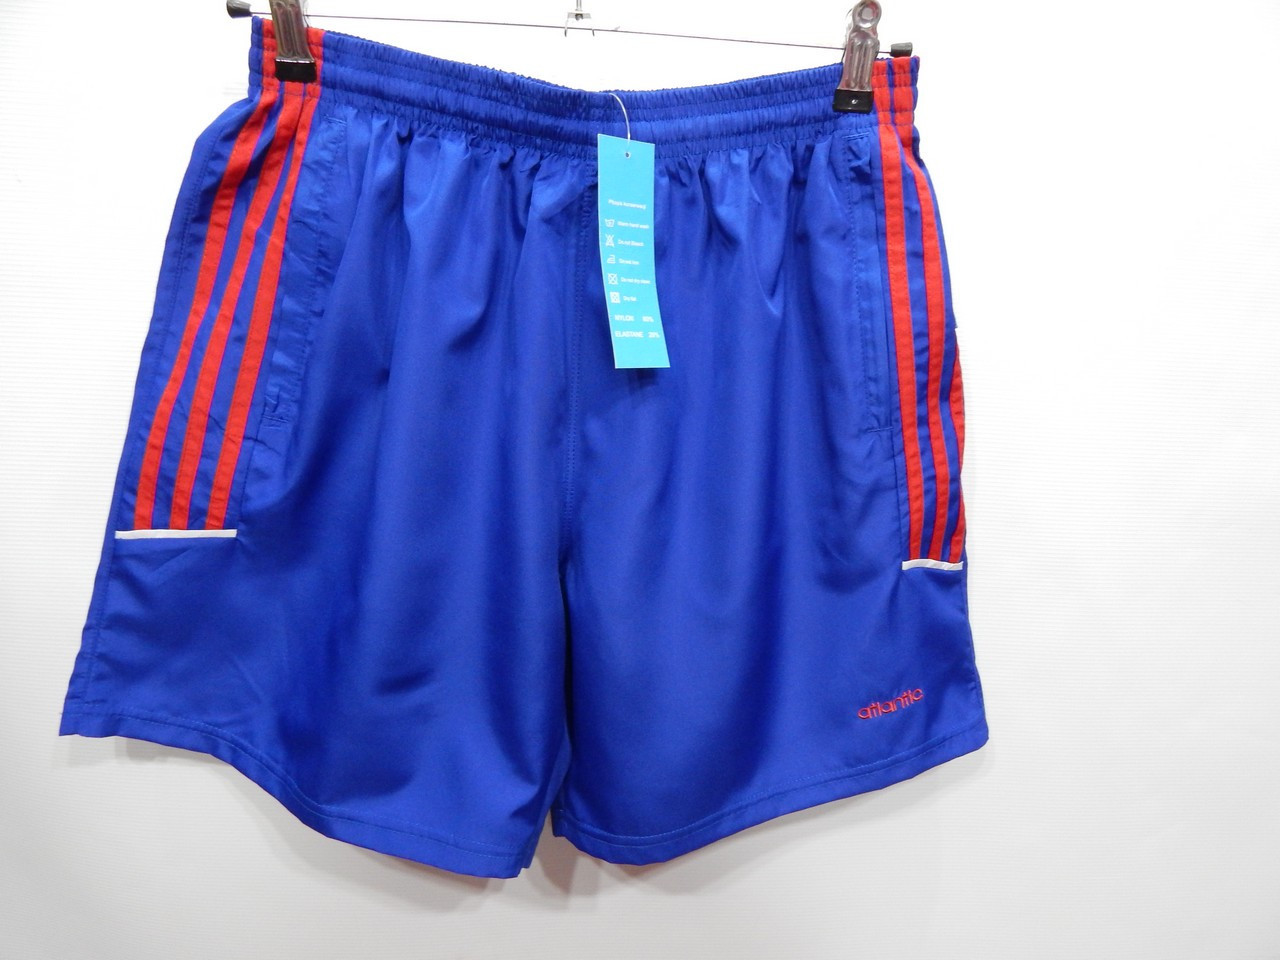 Мужские спортивные шорты Atlantic р.48 028SHM